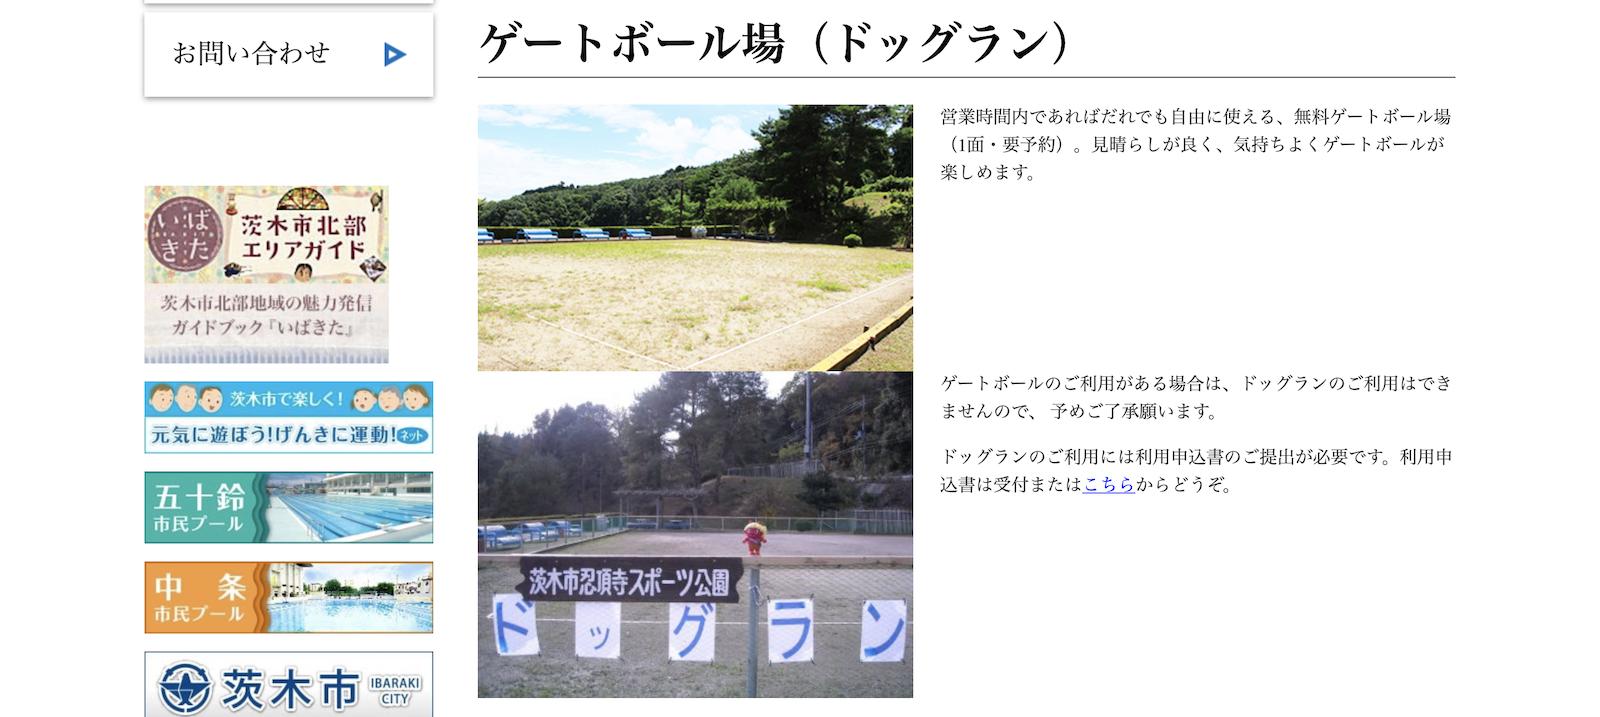 忍頂寺スポーツ公園 ドッグラン